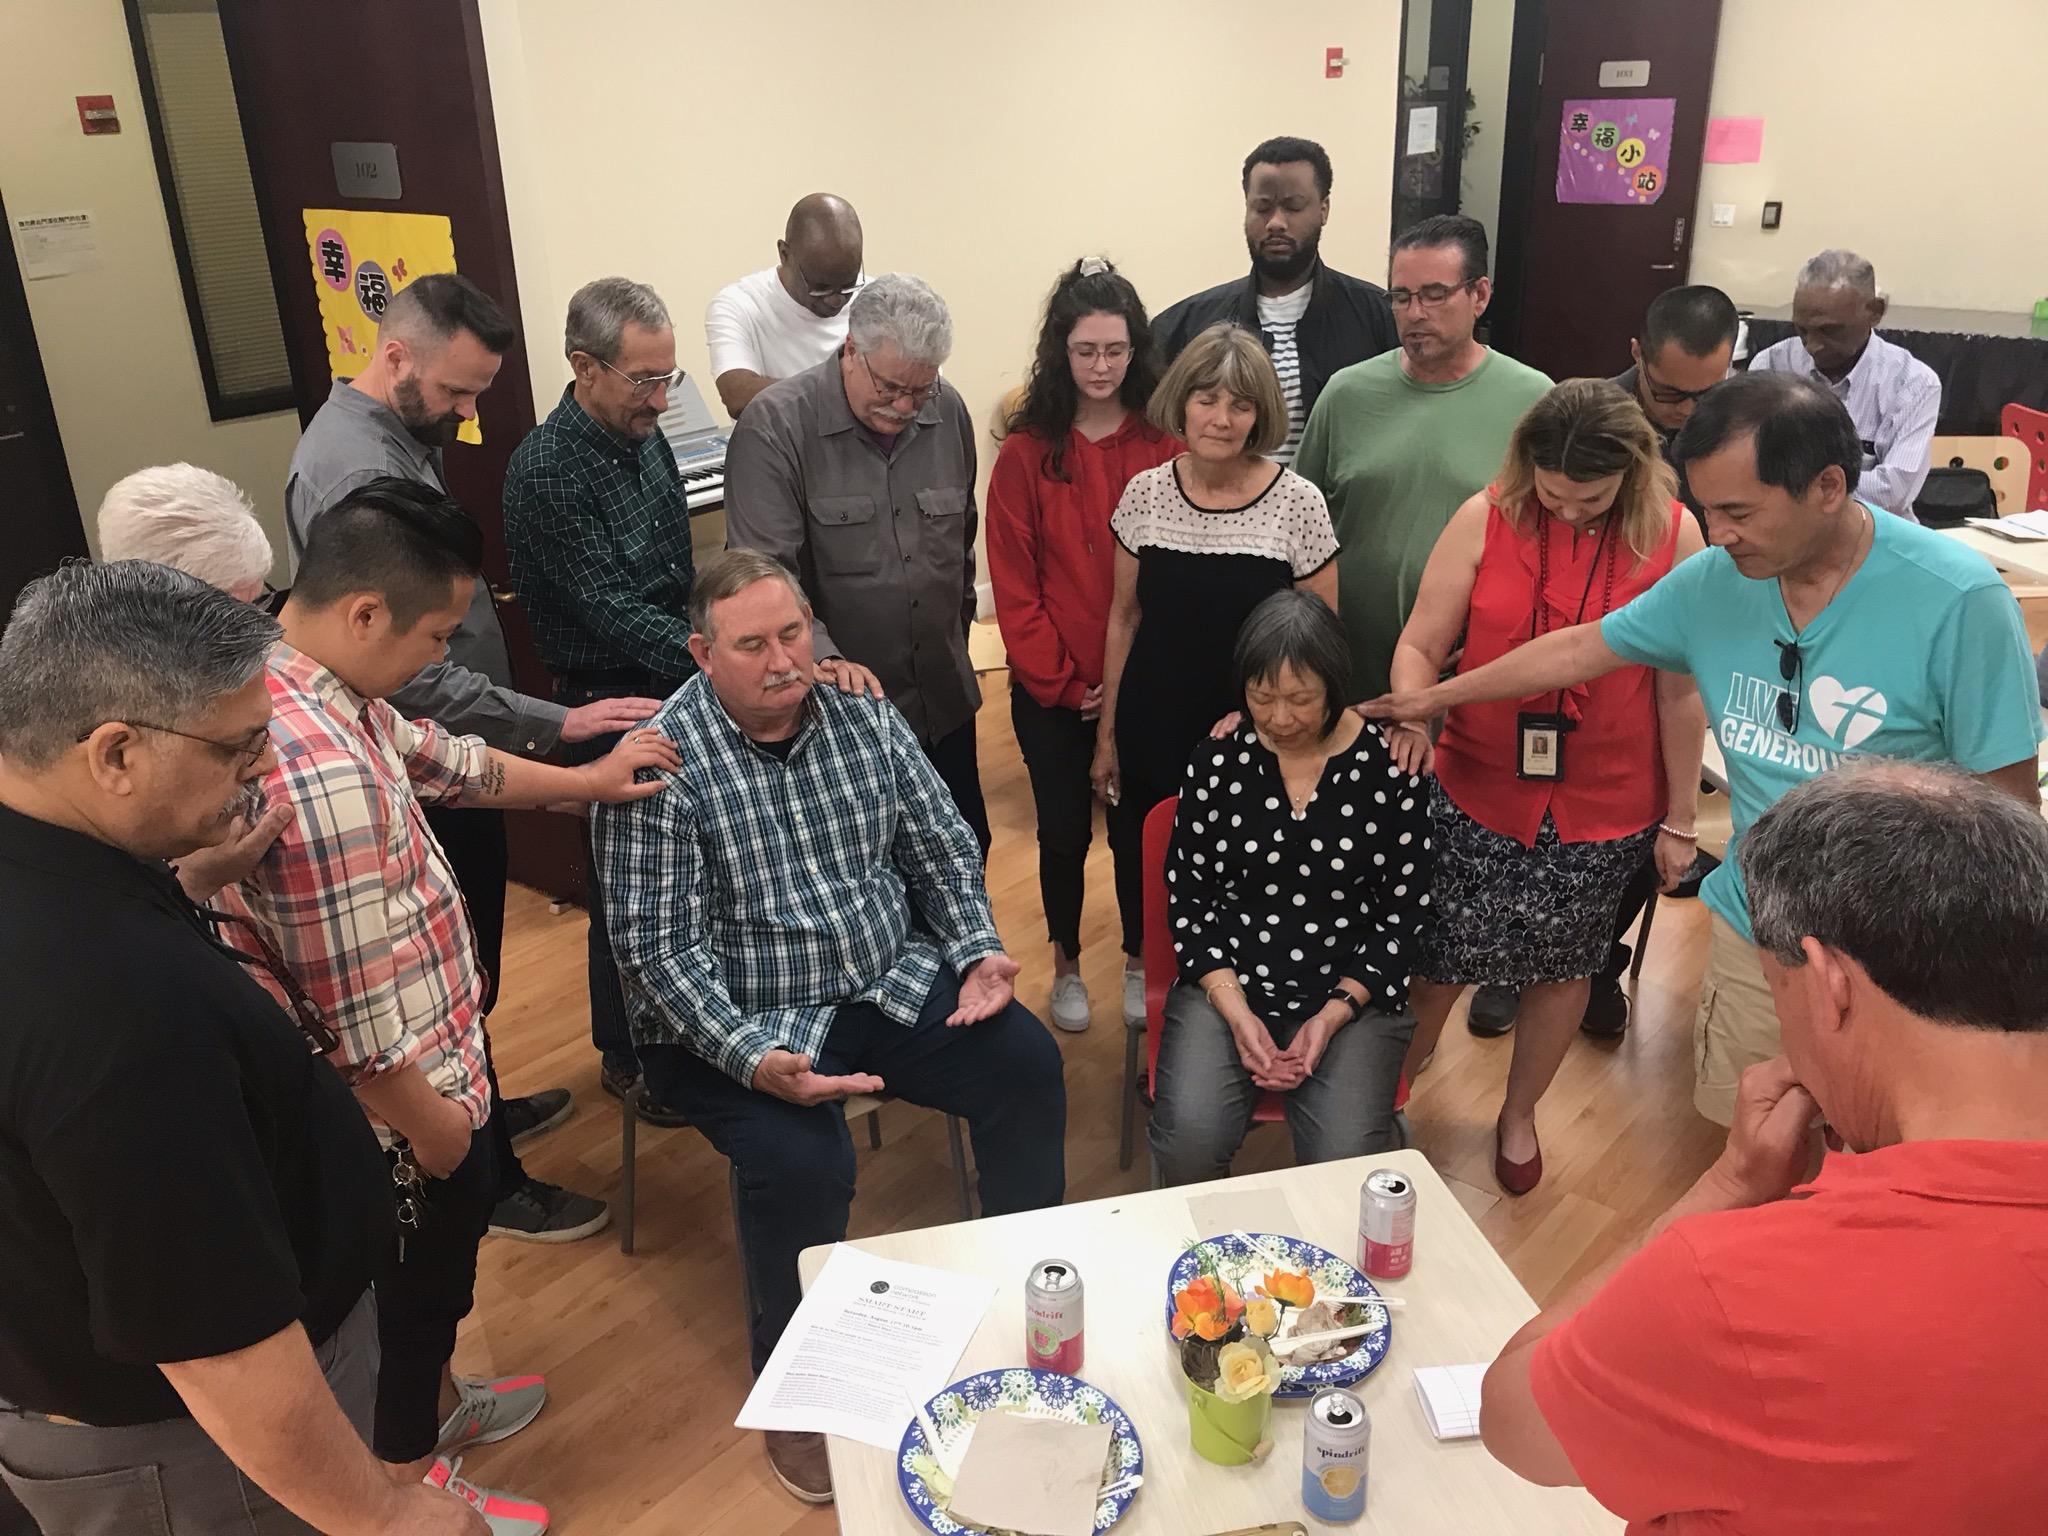 pastors praying.jpg